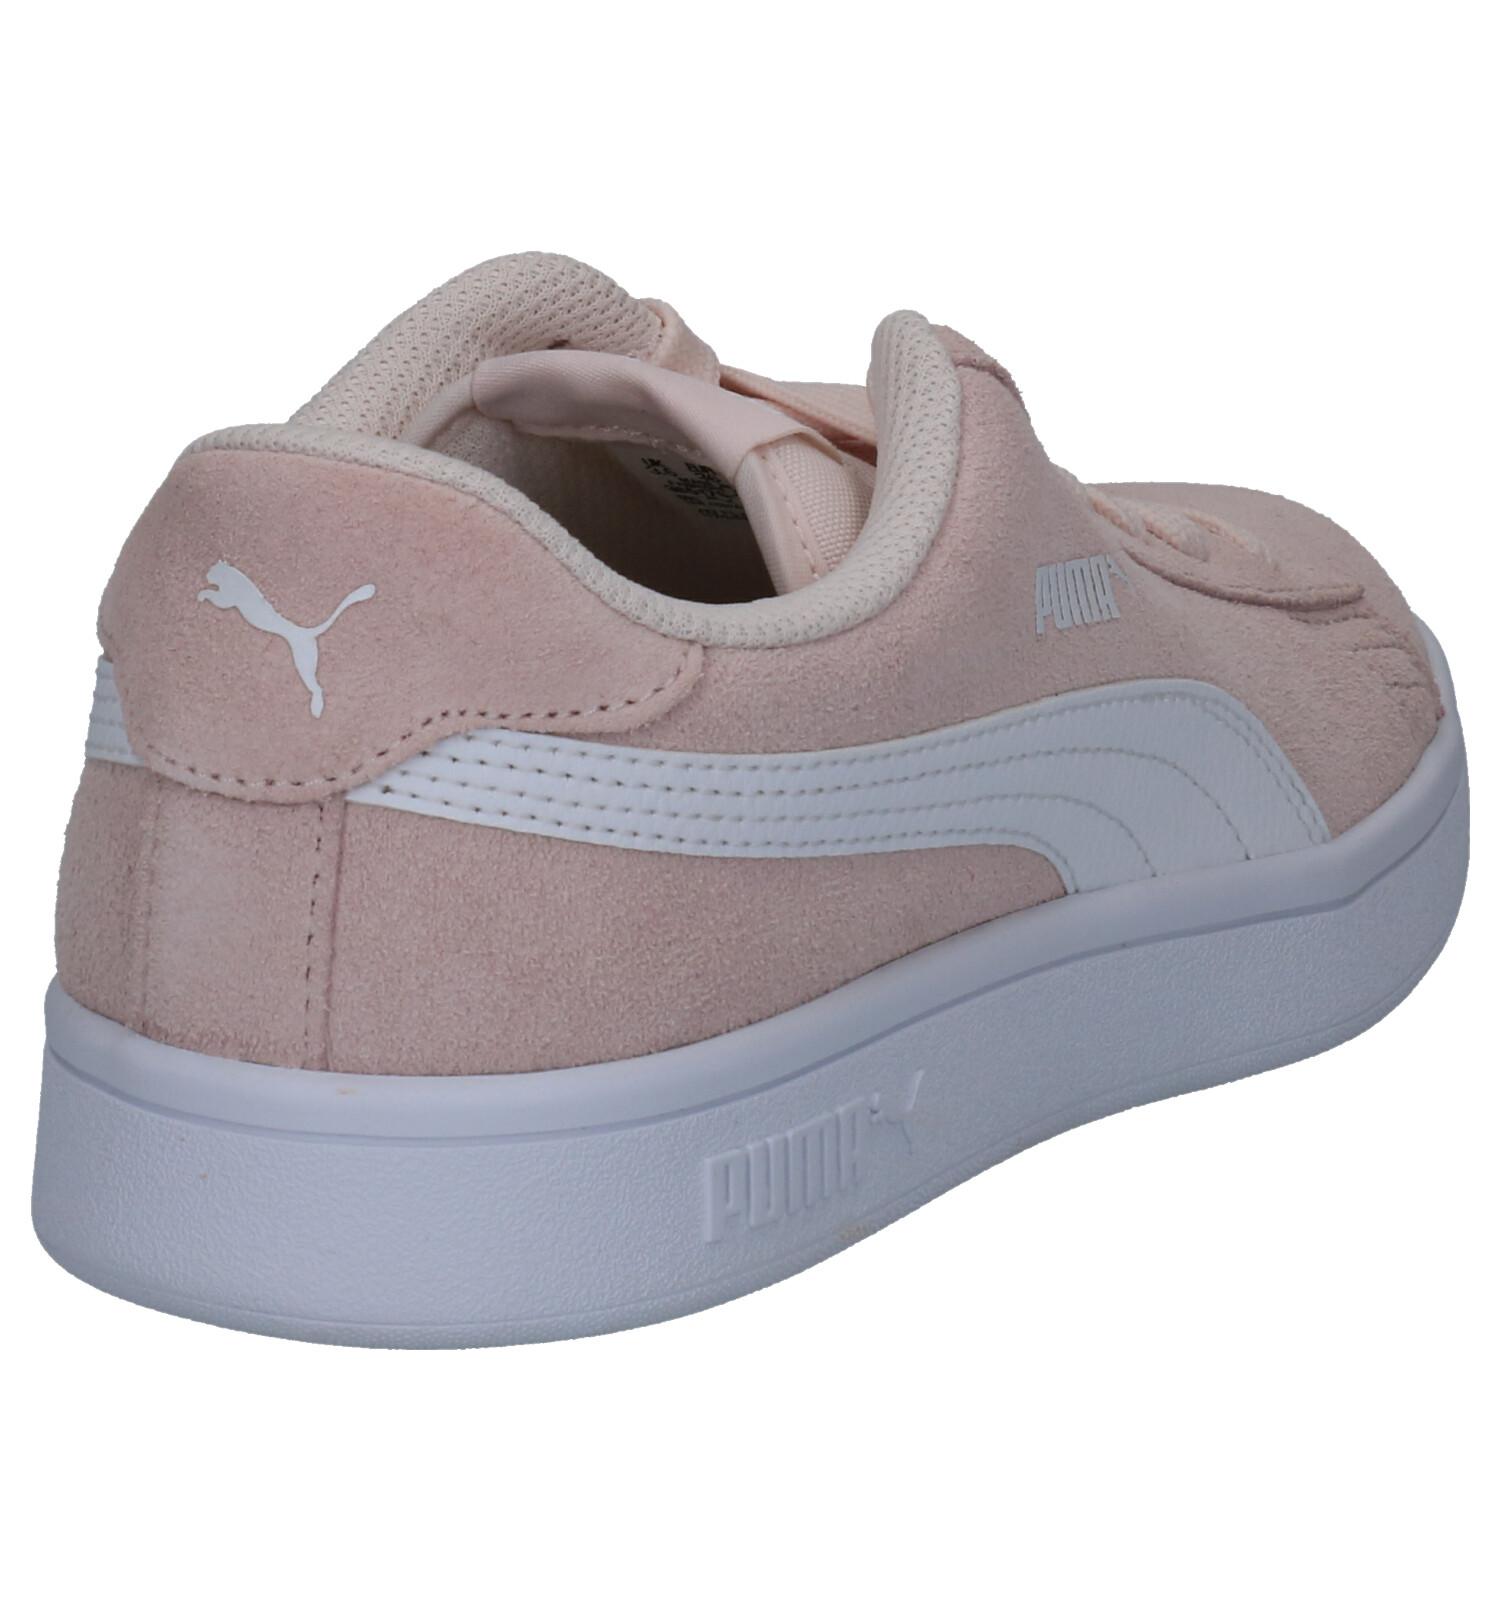 BASKETS PUMA SMASH V2 SD Chaussures Puma rouge   Nouvelle